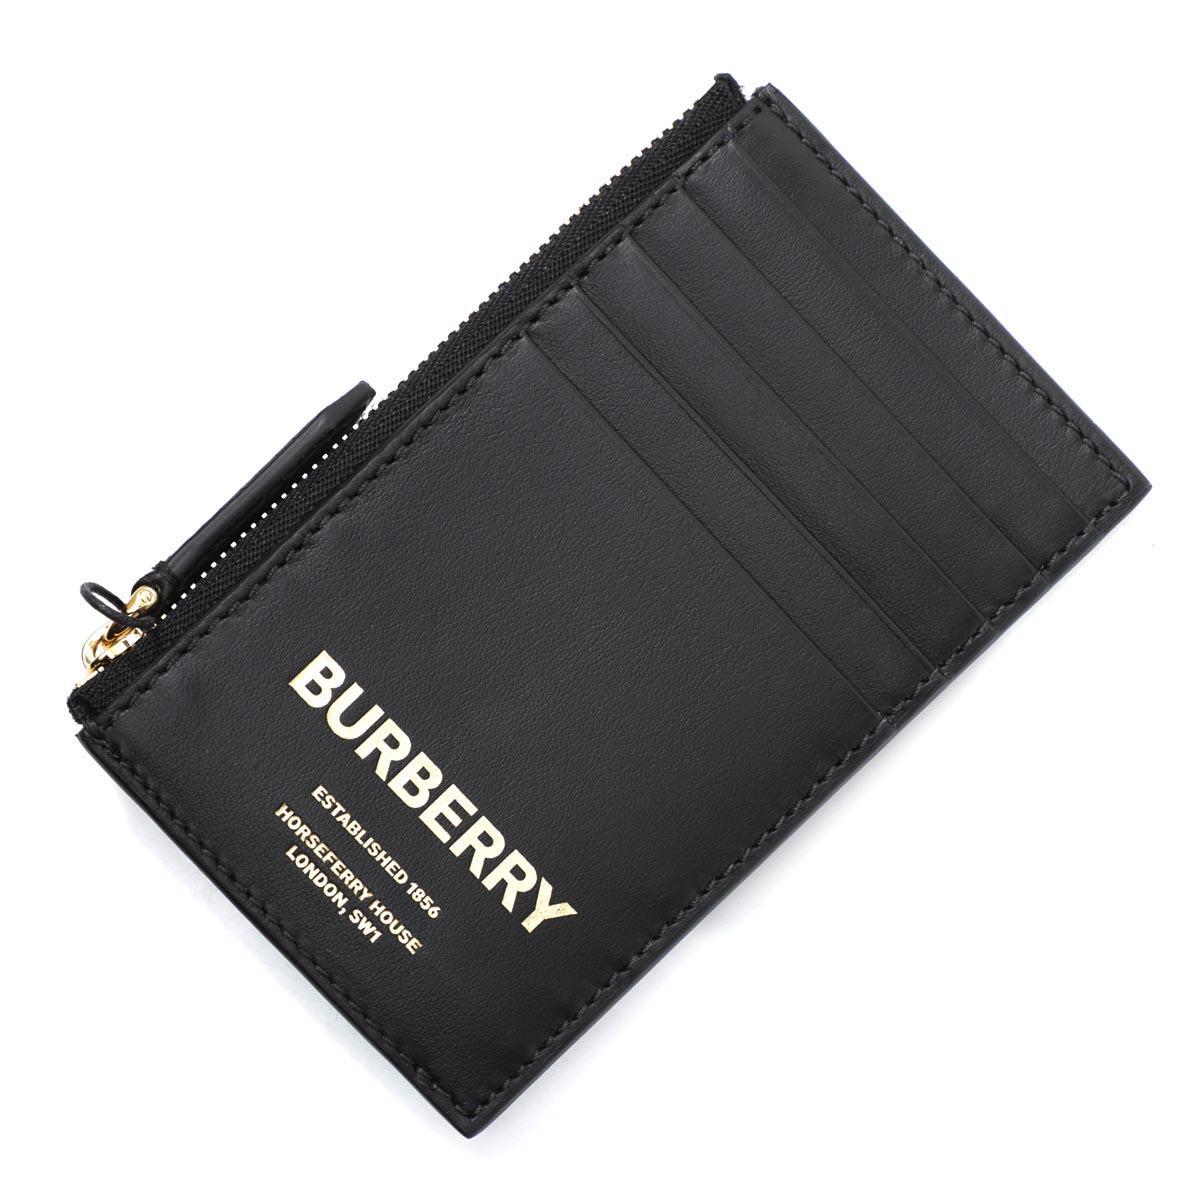 バーバリー BURBERRY カードケース ブラック メンズ 8014706 black ALWYN PRINT BBY ESTABLISH LEATHER【あす楽対応_関東】【返品送料無料】【ラッピング無料】